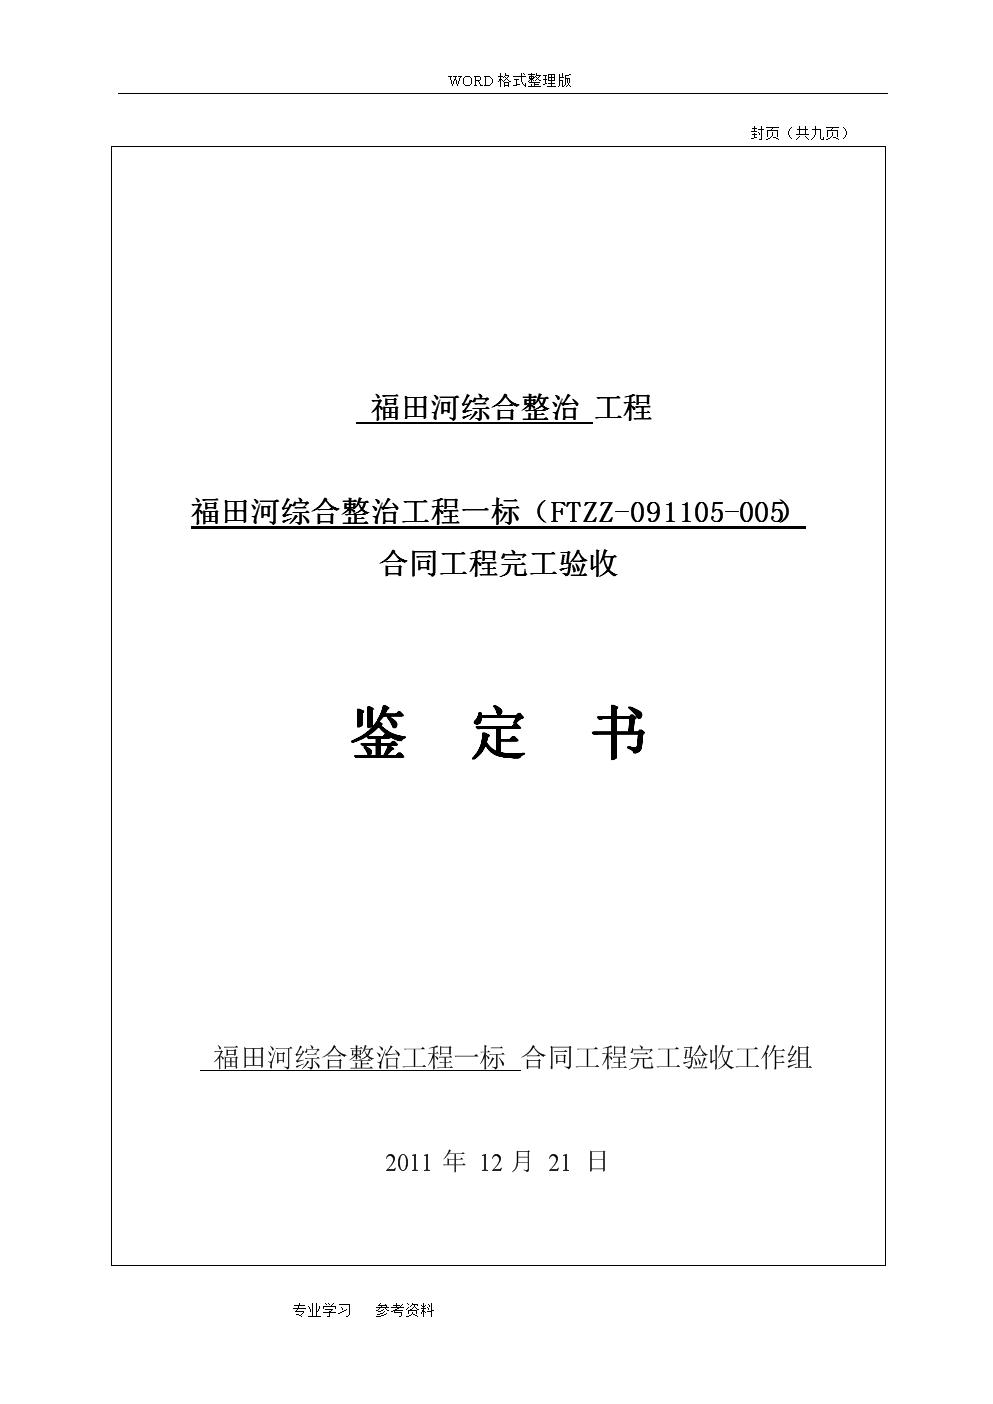 工程合同书样本_水利工程合同模板工程完工验收鉴定书.doc